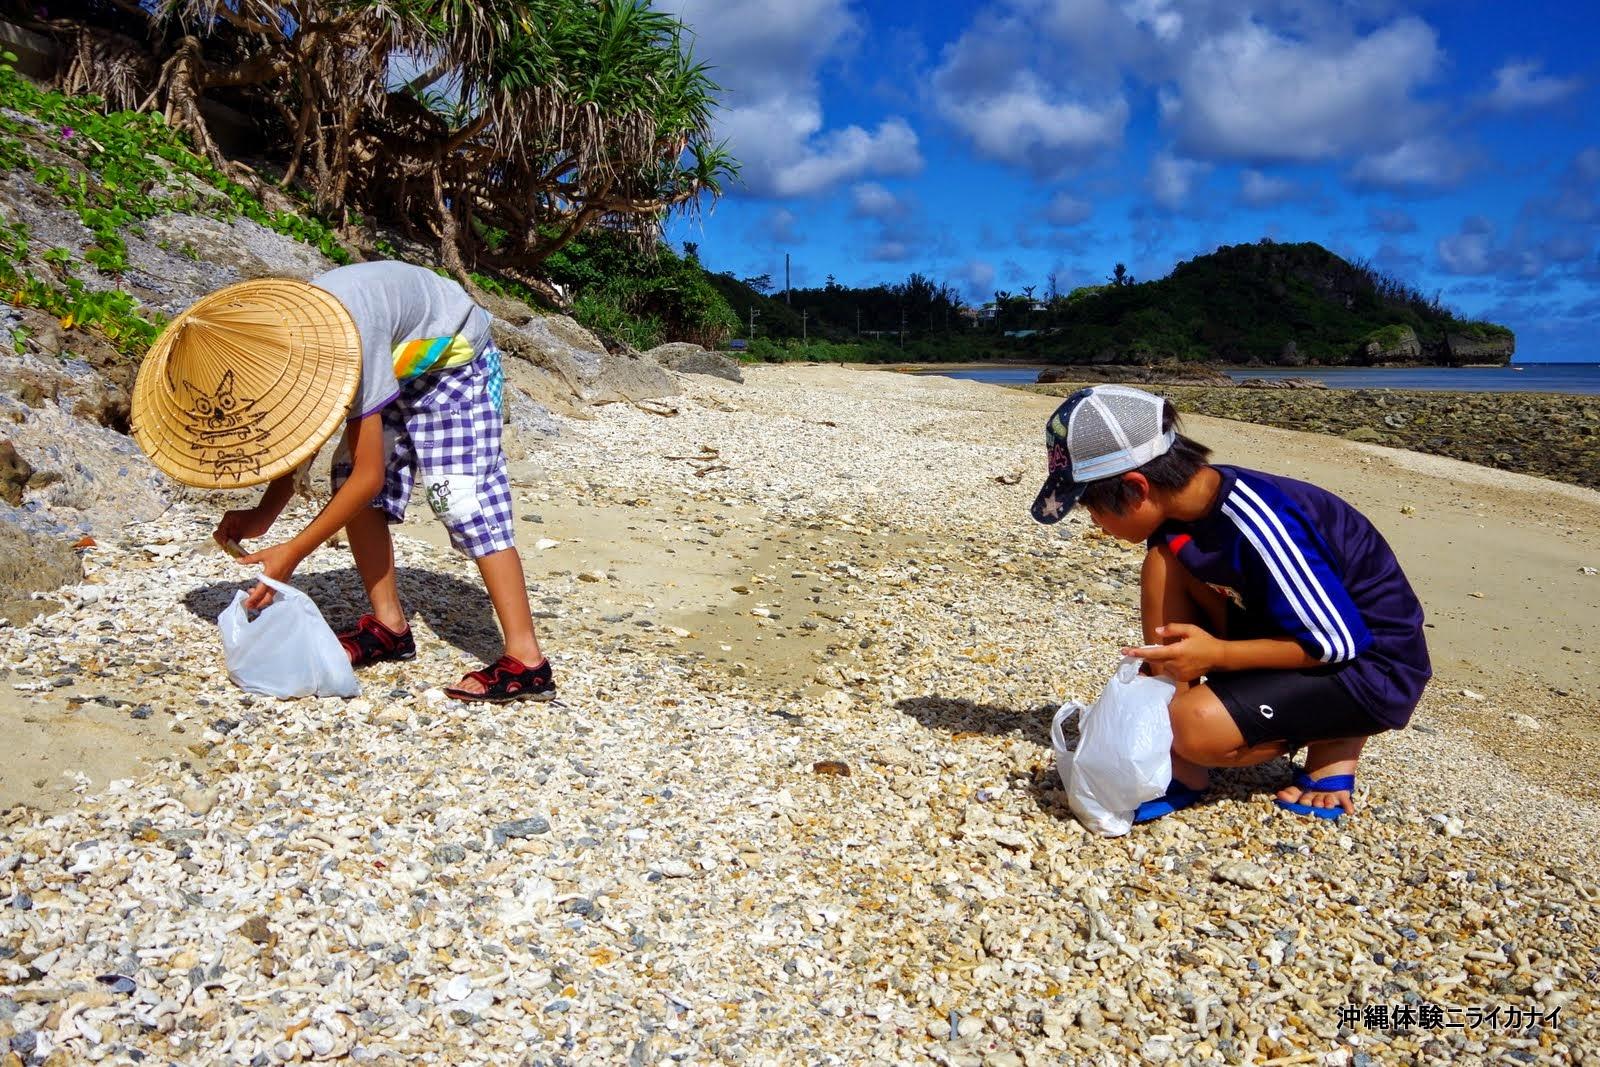 体験/観光 沖縄家族旅行 夏休み宿題/自由研究 シーサー